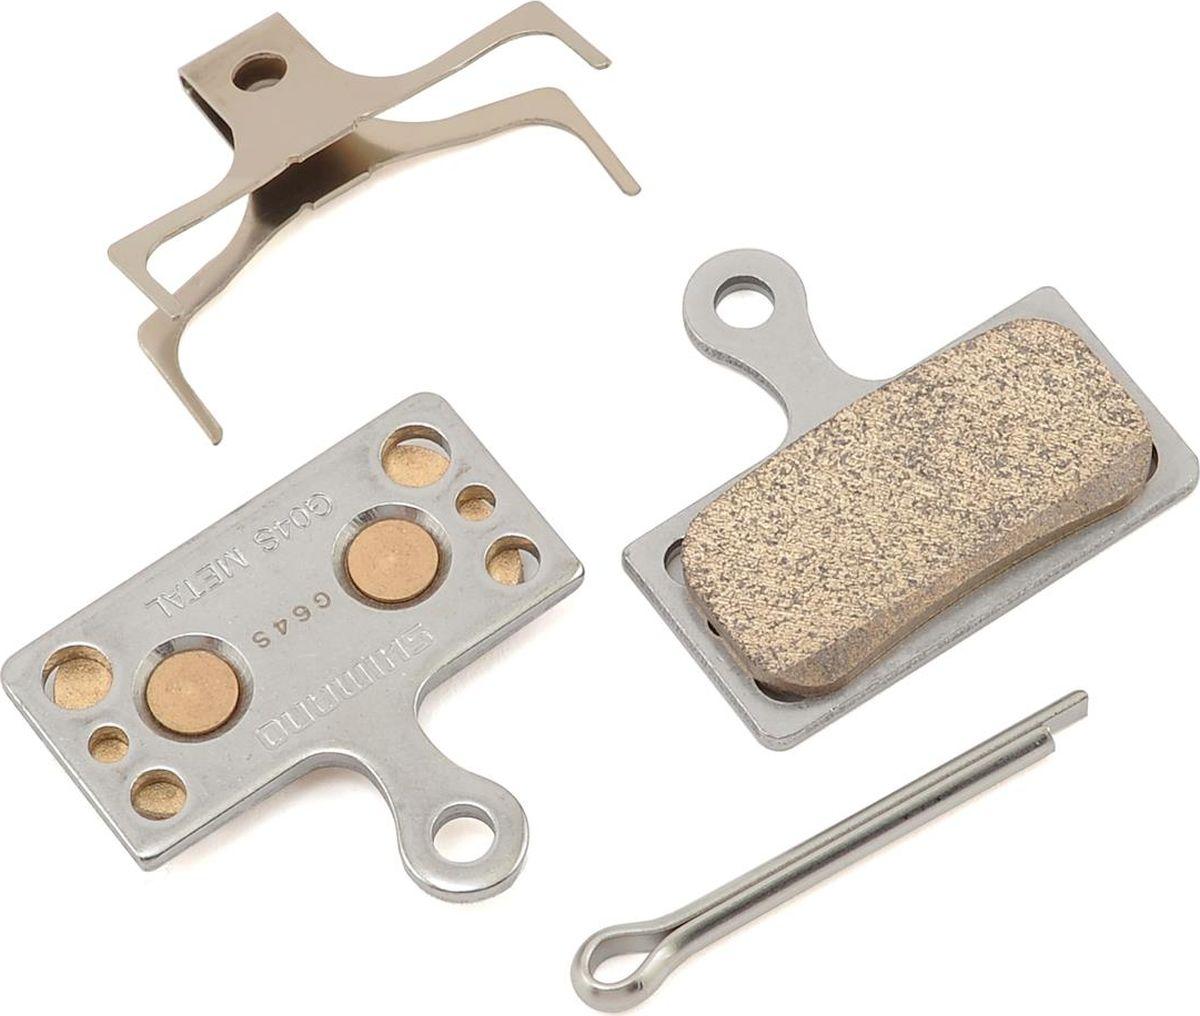 Тормозные колодки Shimano G04S, для дисковых тормозов, с шплинтомY8MY98010Тормозные колодки, для дисковых тормозов, G04S, метал, пара, с пружин, с шплинтом